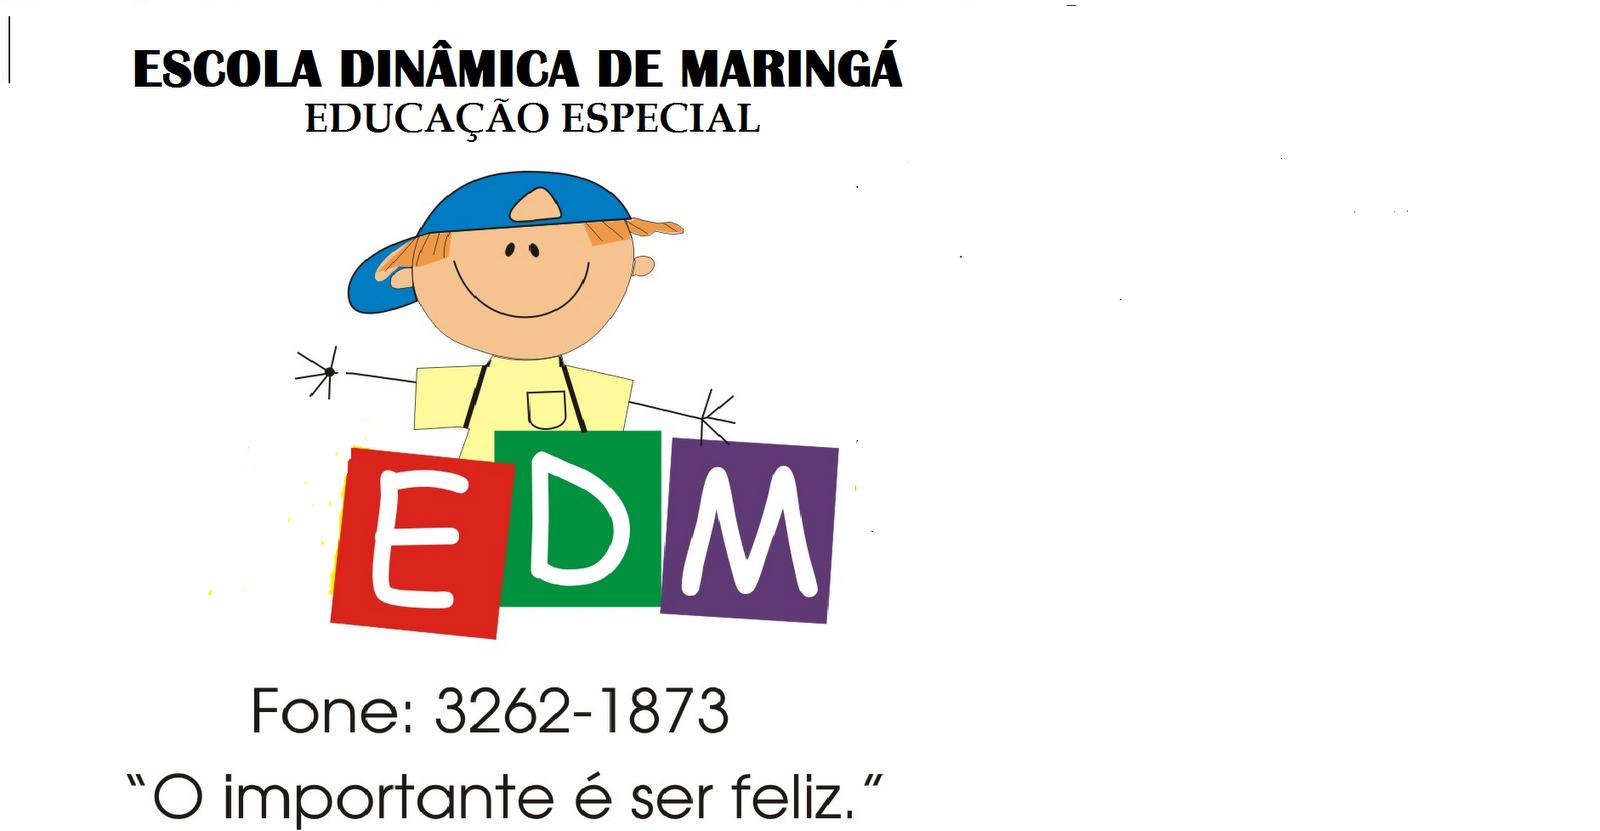 ESCOLA DINÂMICA DE MARINGÁ- 15 ANOS